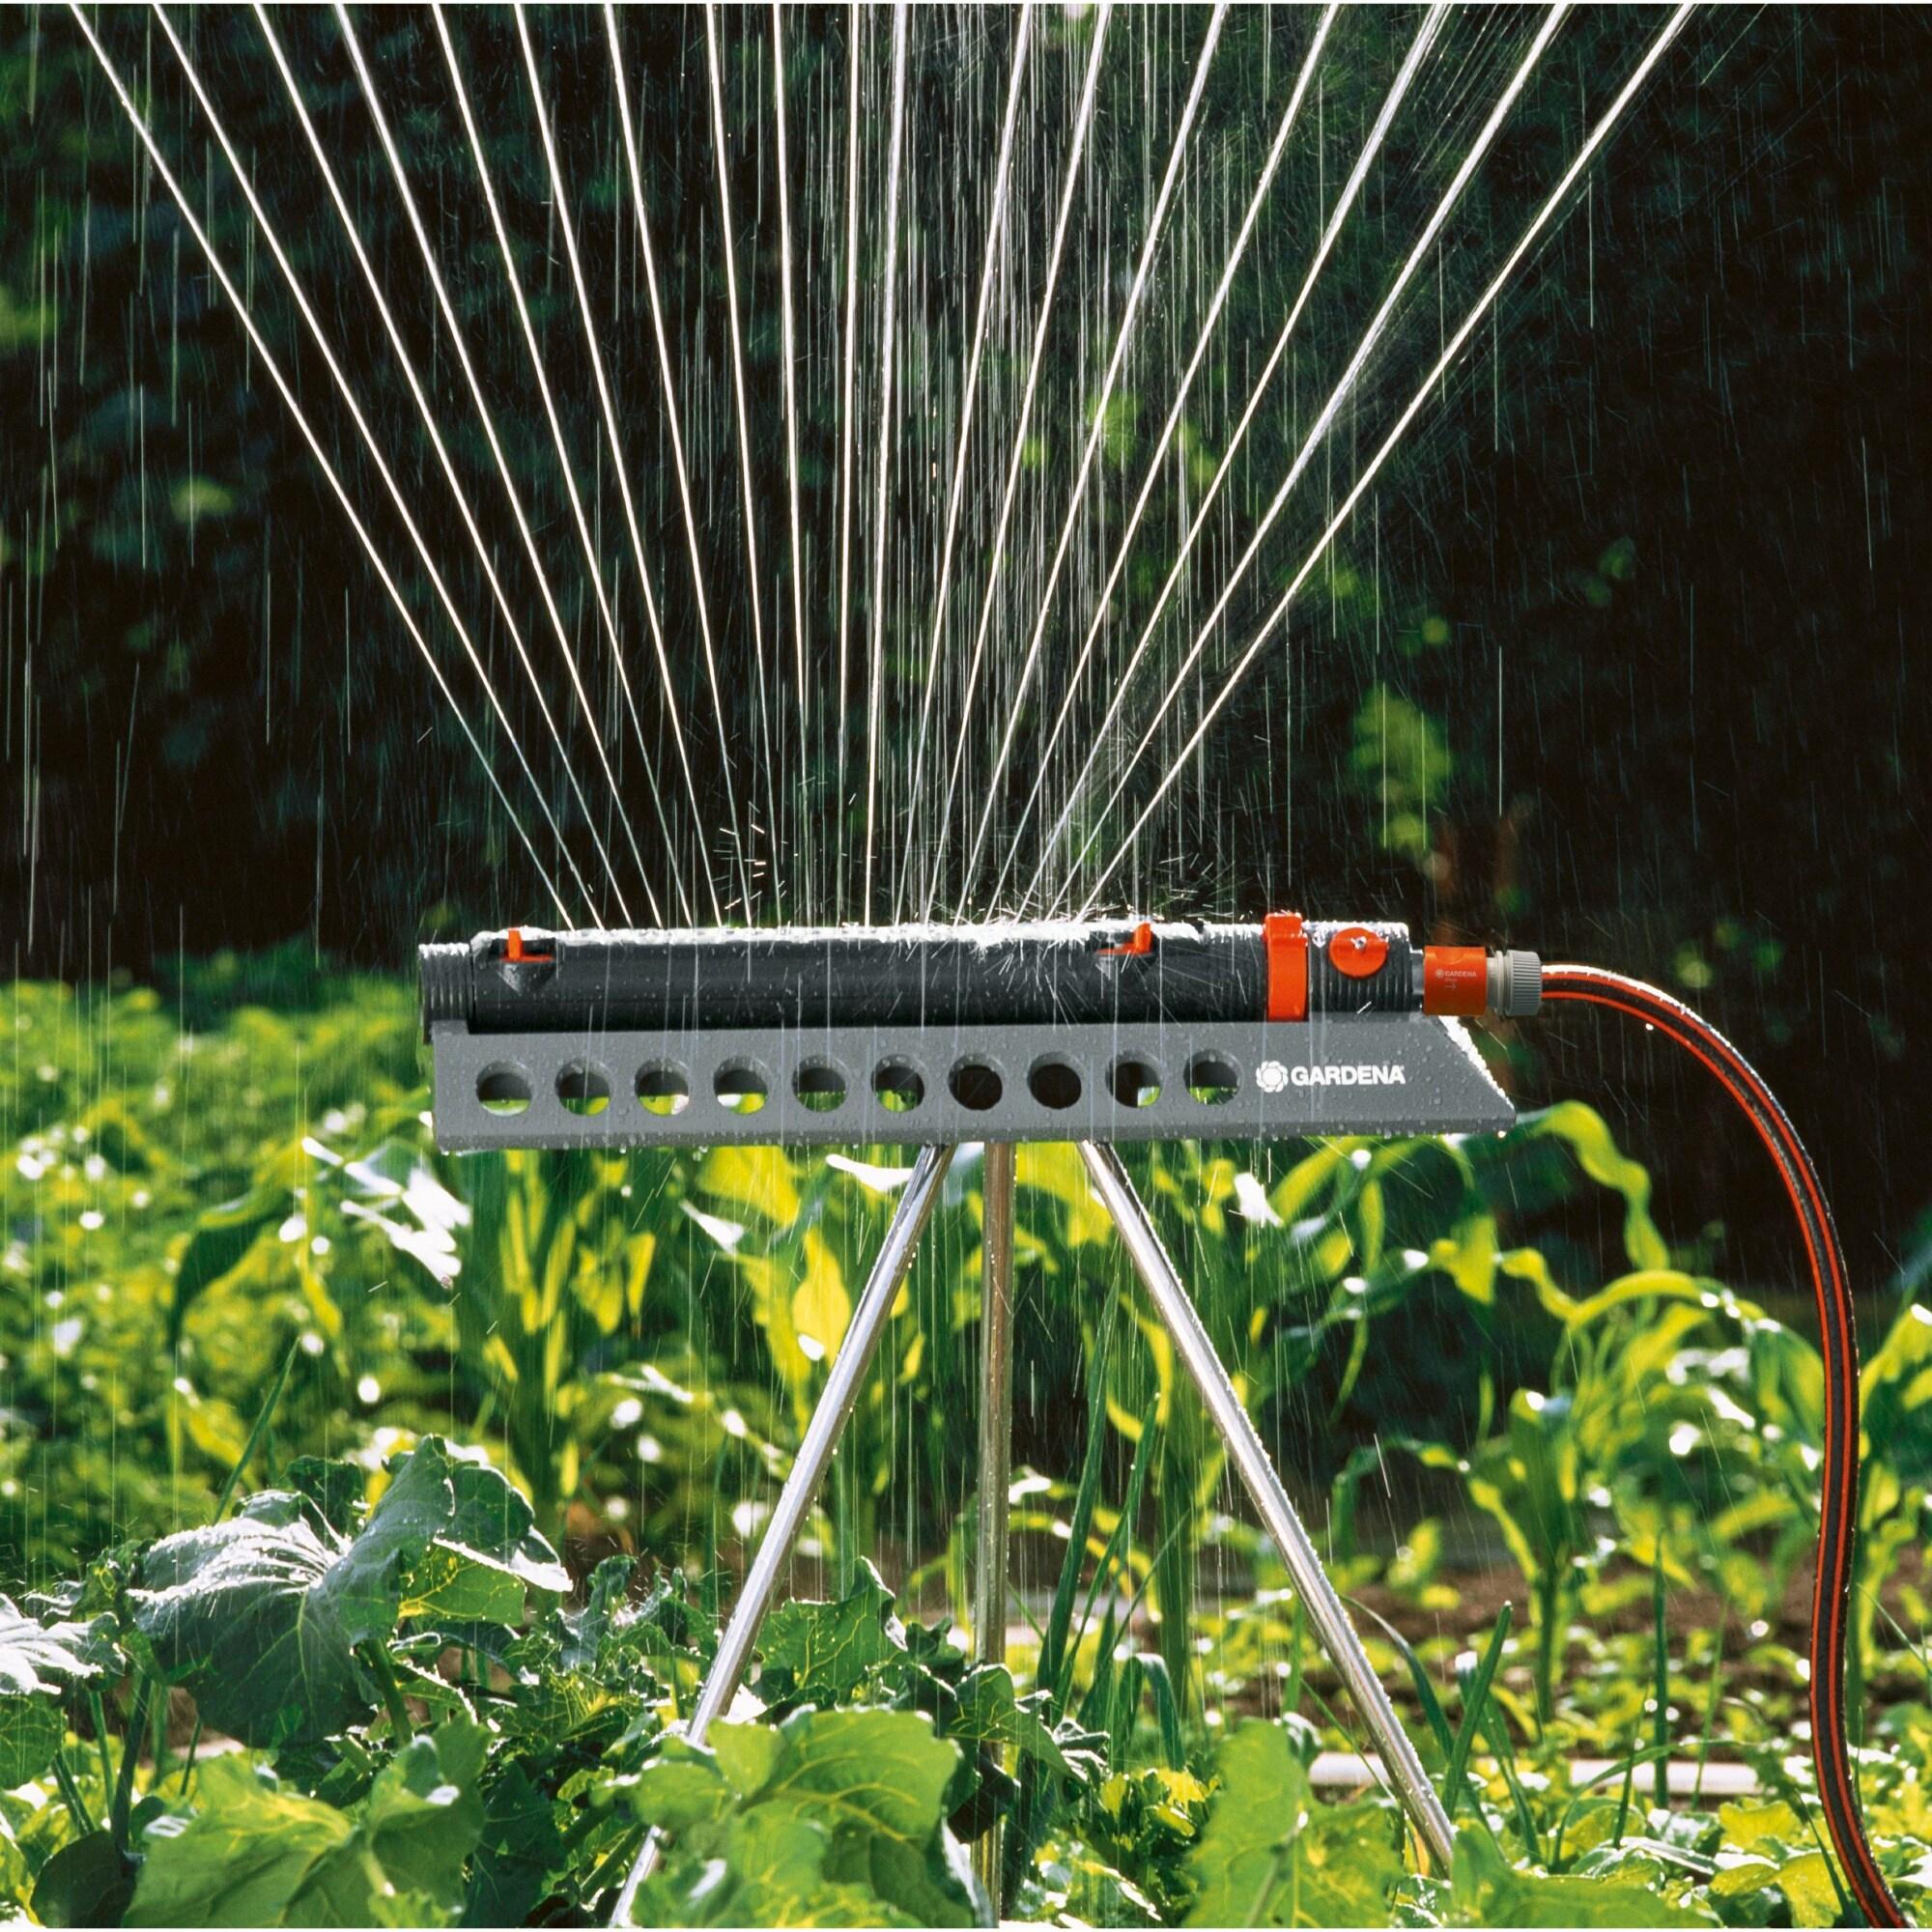 Gardena Sprinklersystem Comfort Aquazoom 350/3 (1977-20)